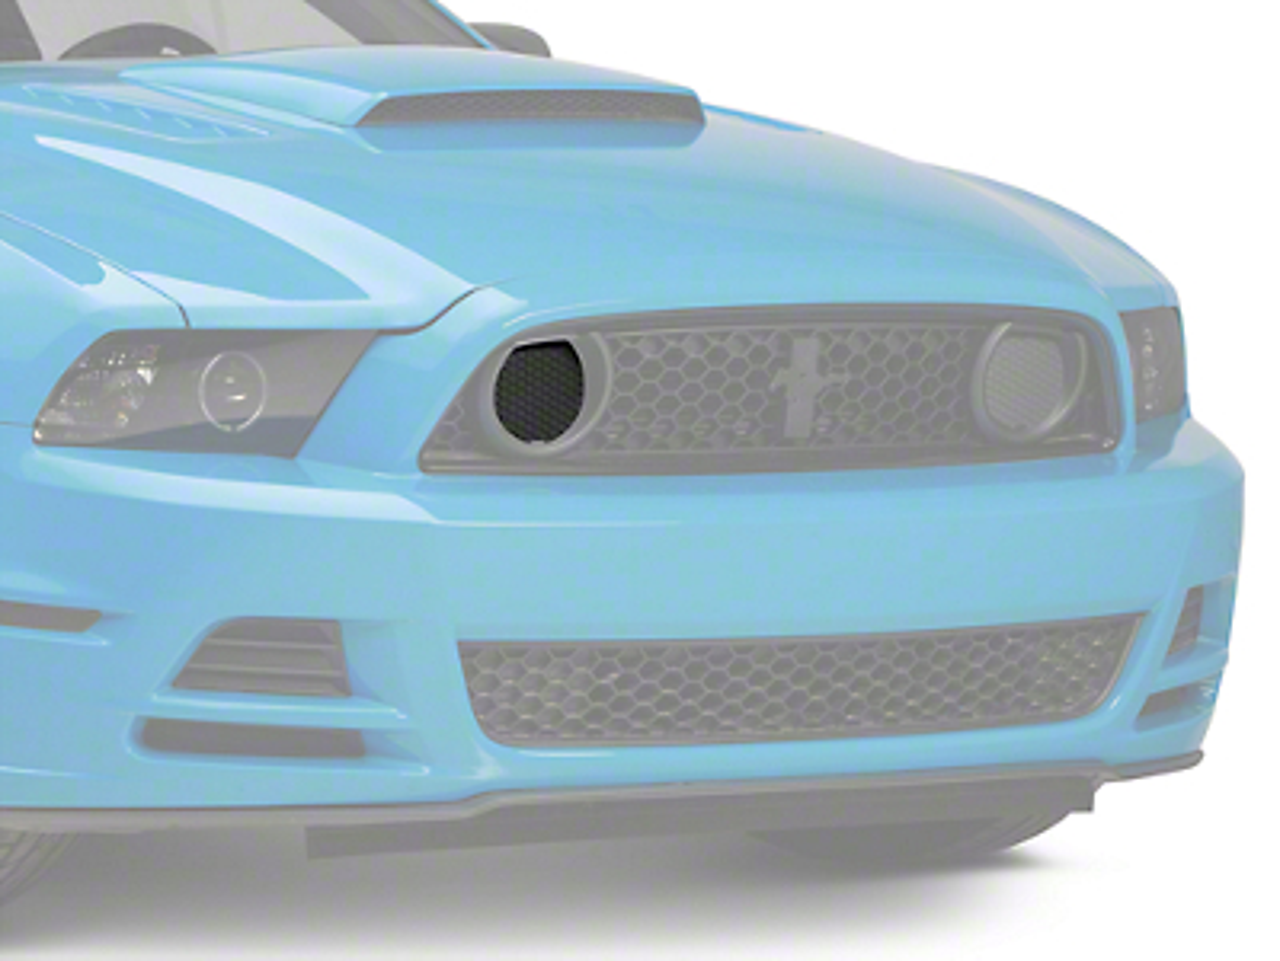 Ford Boss 302 Fog Light Delete - Passenger Side (2013 BOSS)